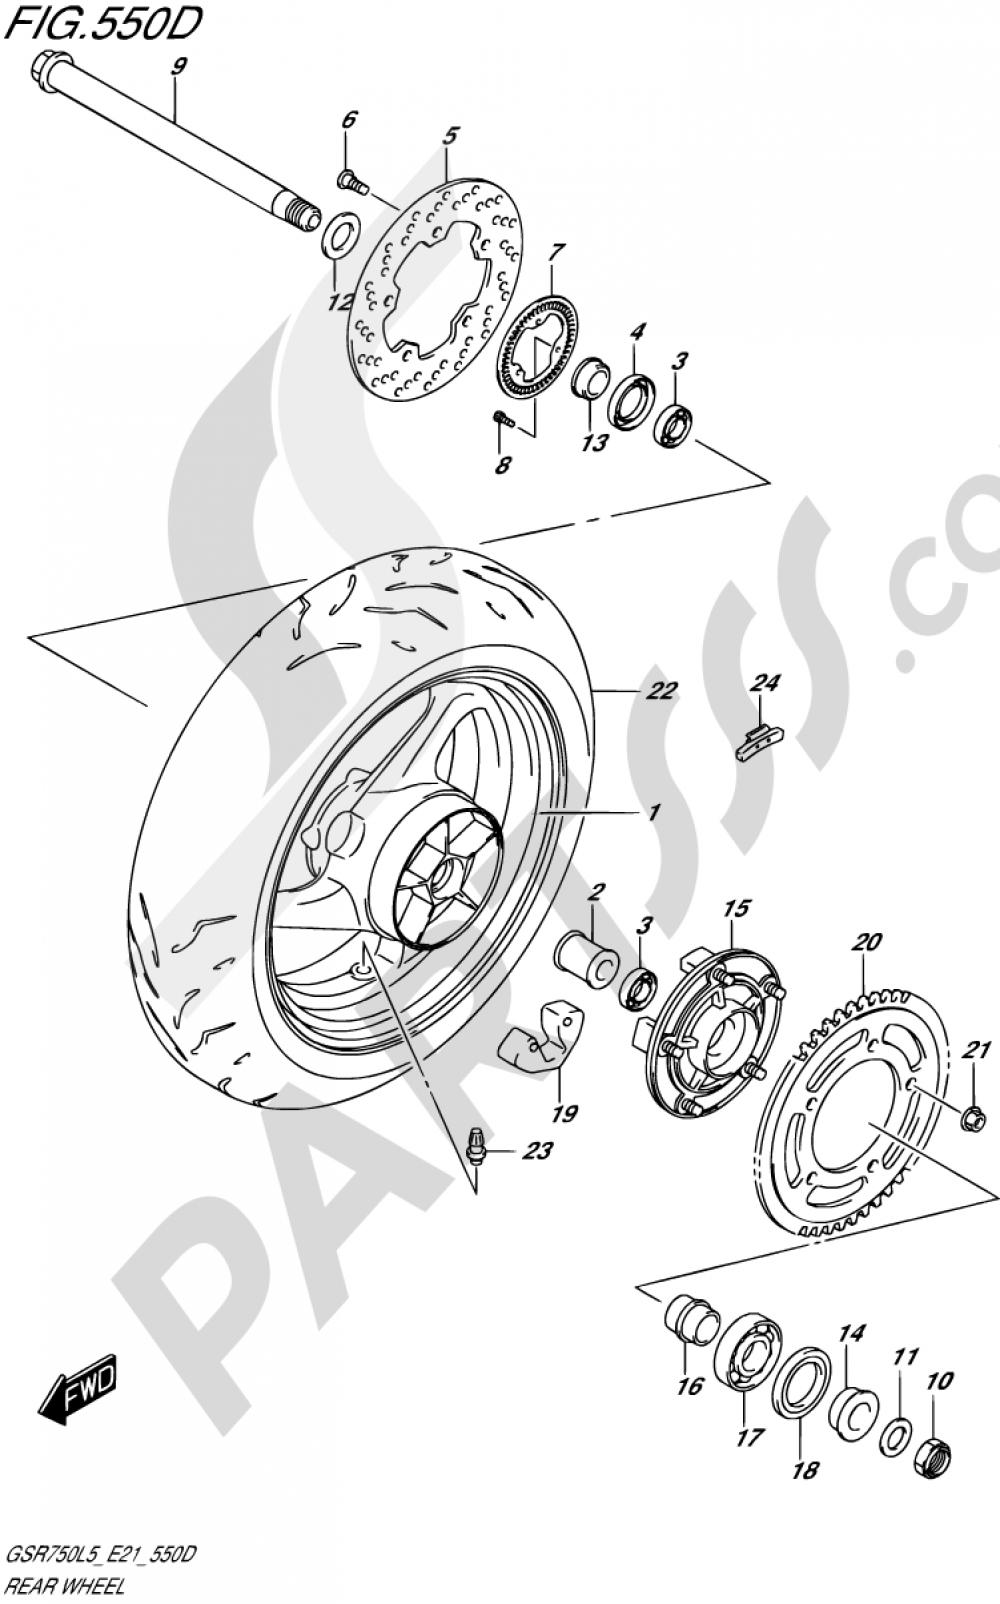 550D - REAR WHEEL (GSR750AUEL5 E21) Suzuki GSR750 2015